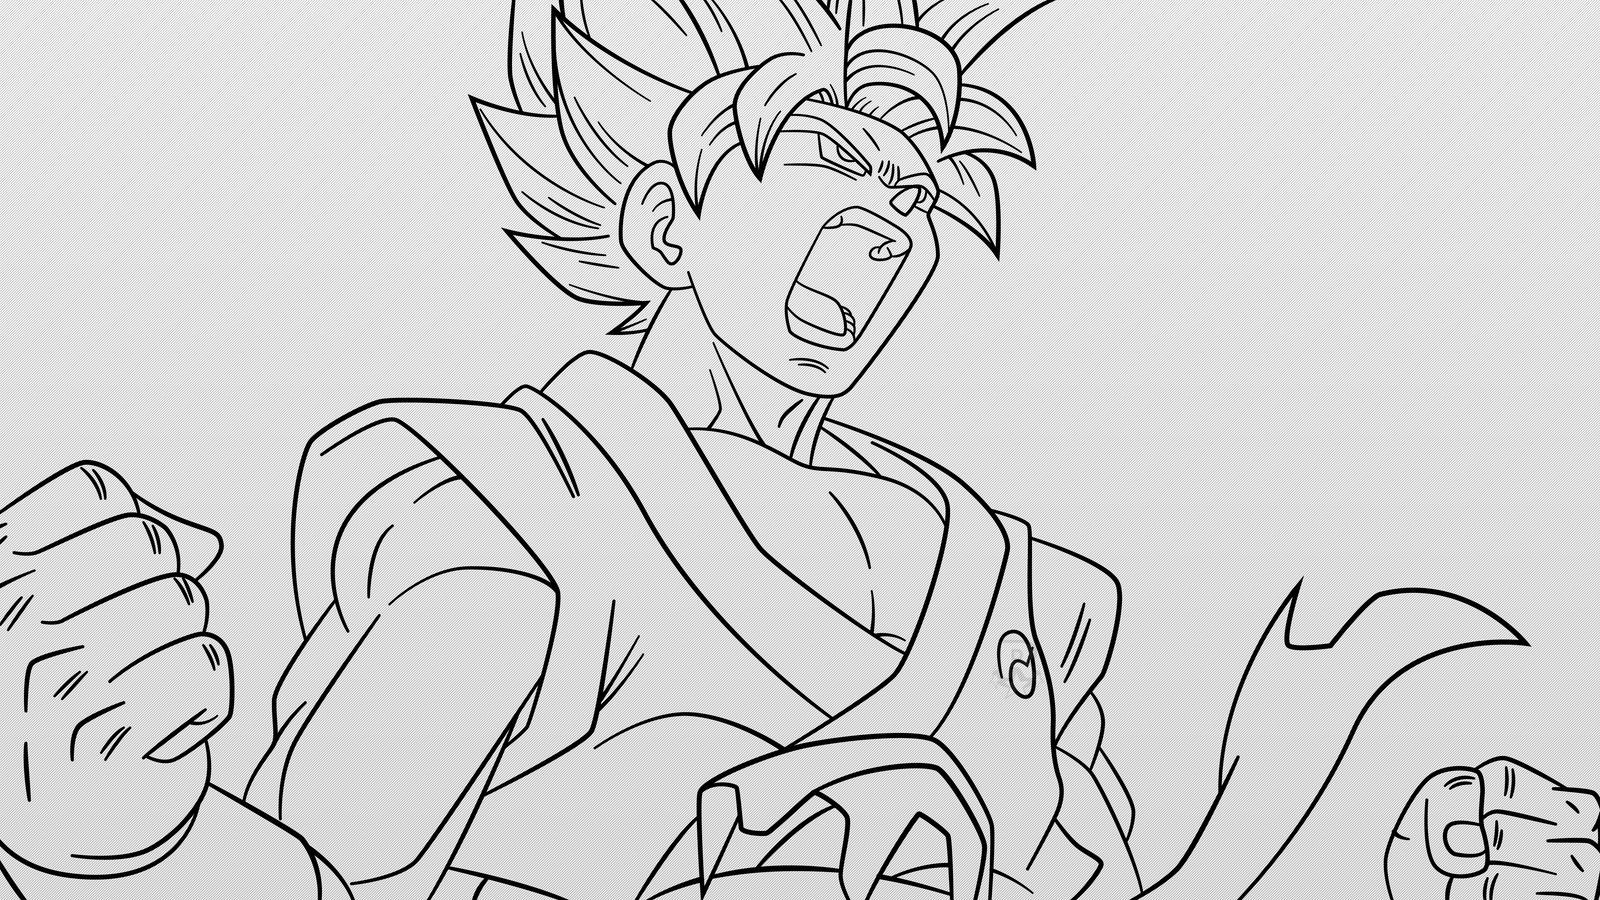 Super Saiyan Goku #1 (Line-Art) By AubreiPrince On DeviantArt